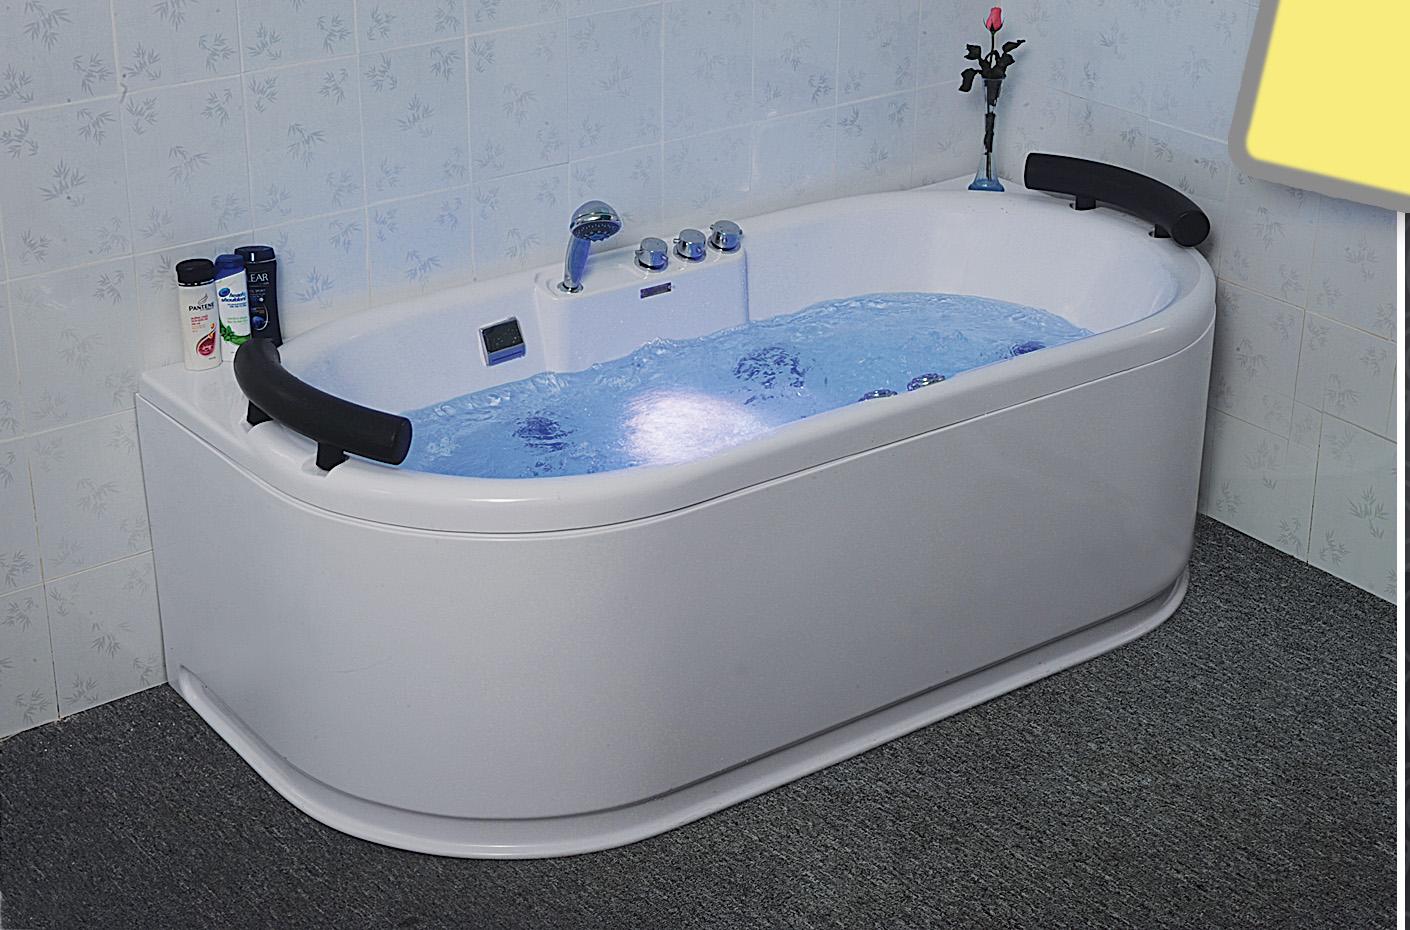 Đại lý cấp I bán bồn tắm massage Fantiny giá rẻ